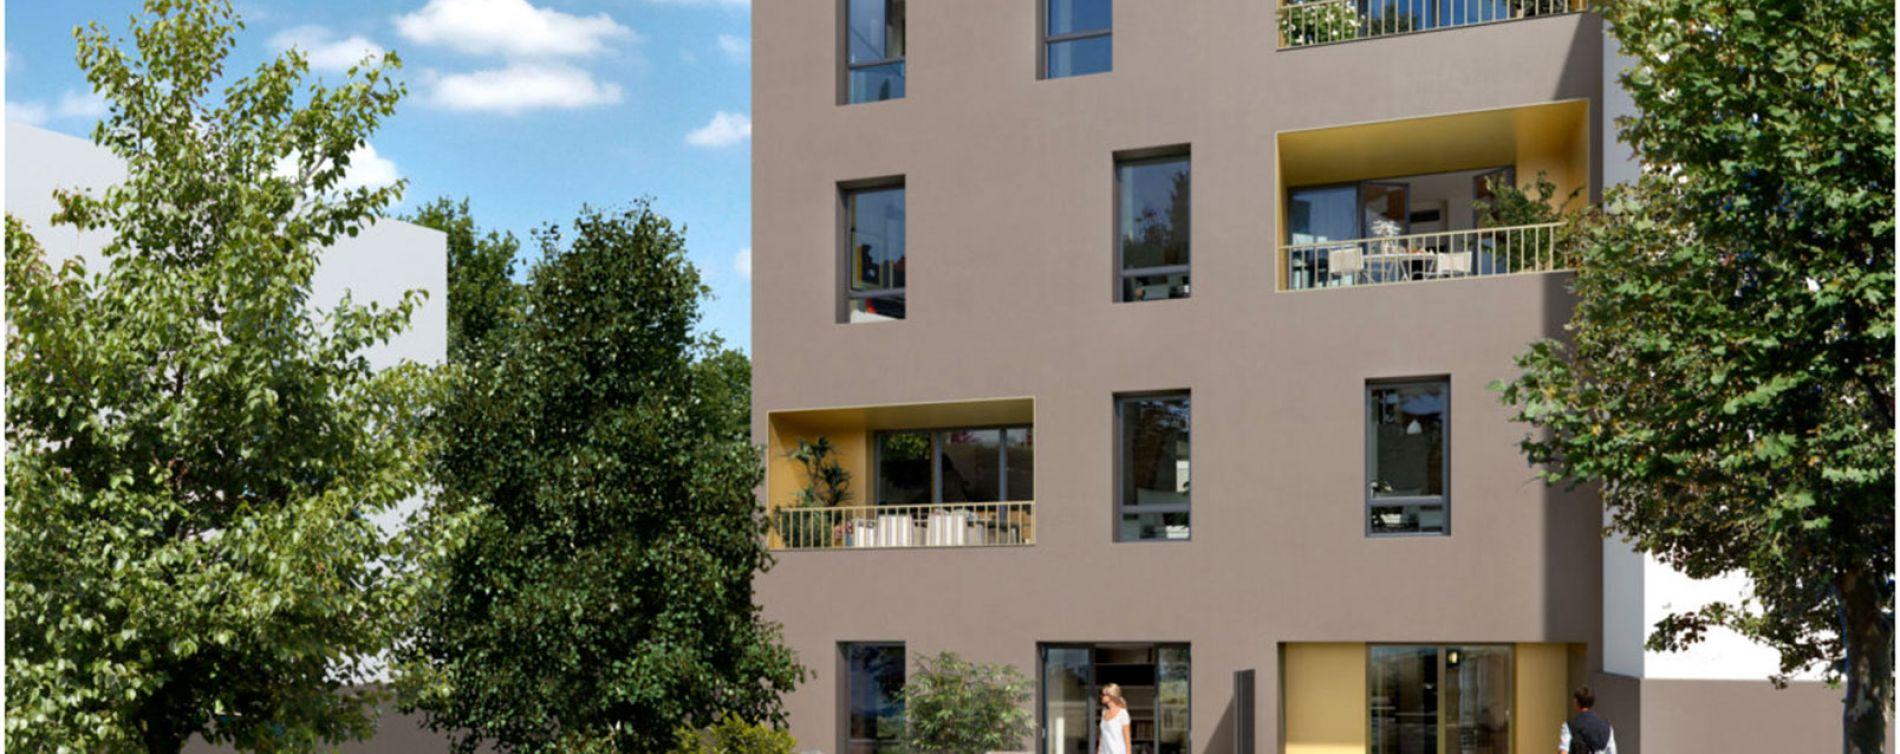 Résidence Square et Jardin à Aubervilliers